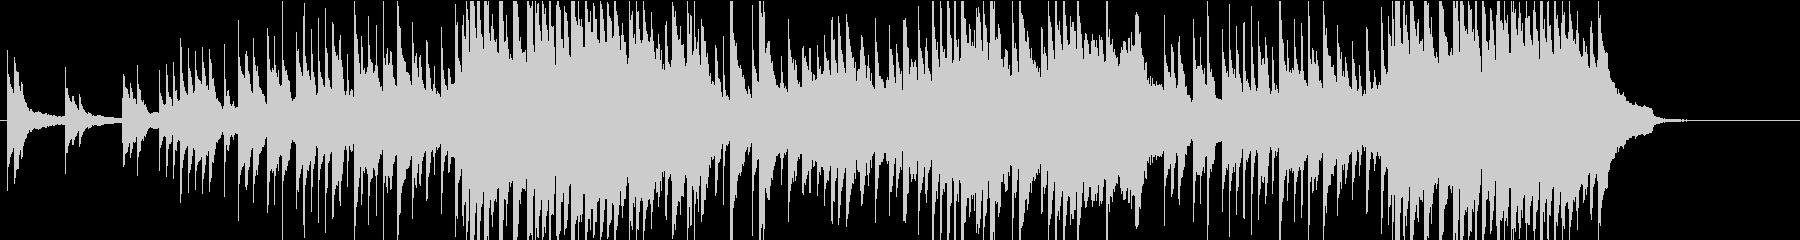 悲しげなピアノソロの未再生の波形